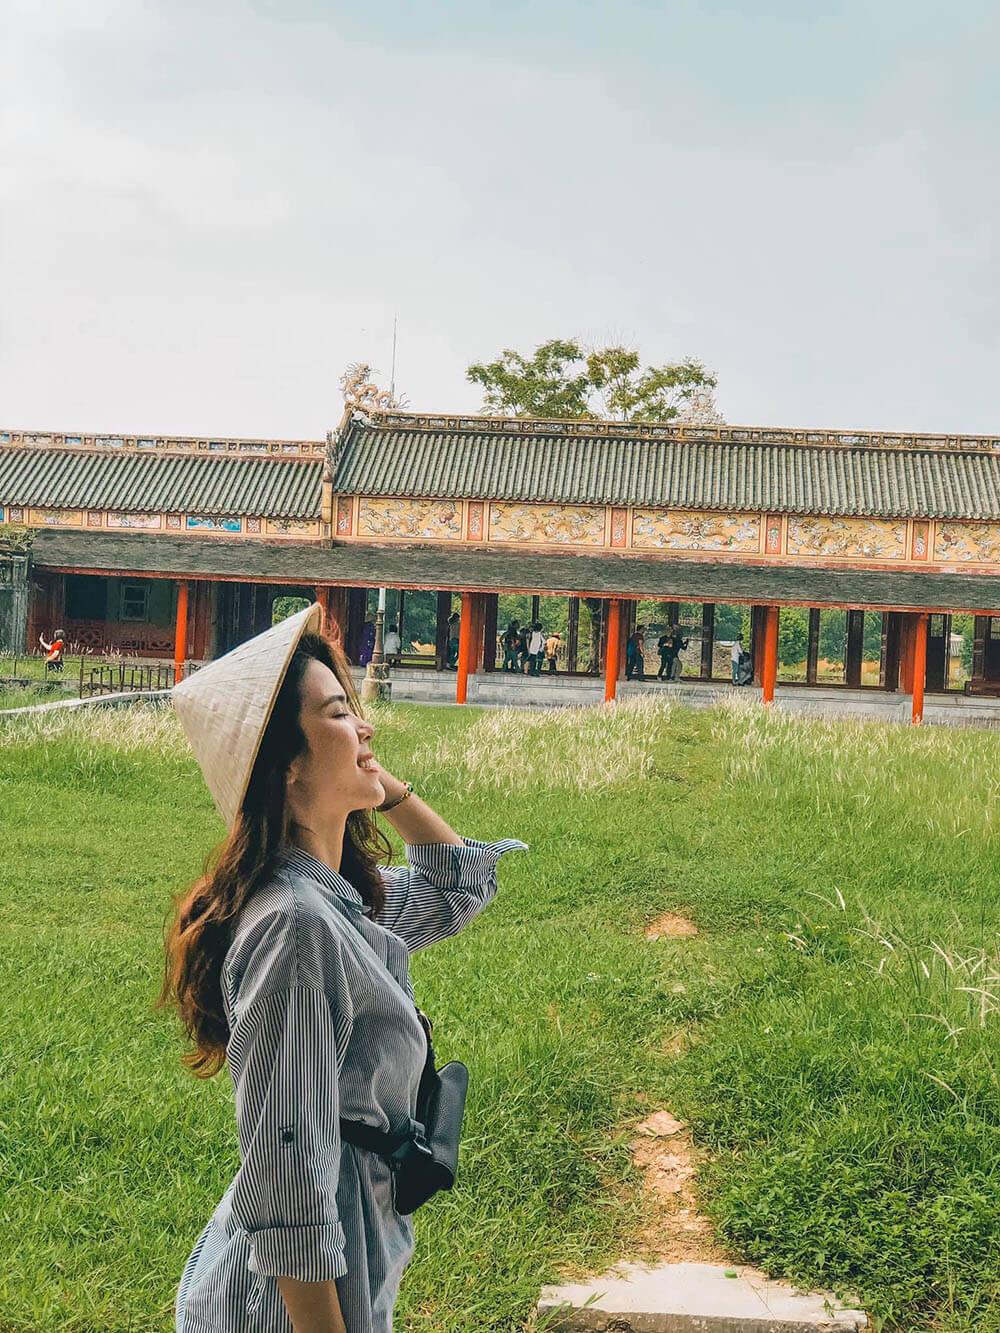 Quan The Di Tich Hoan Cung Hue Dai Noi Hue Review Hue Da Nang Hoi An Ninh Binh 7n7d Chi Voi 8 Trieu Tin Duoc Khong 03